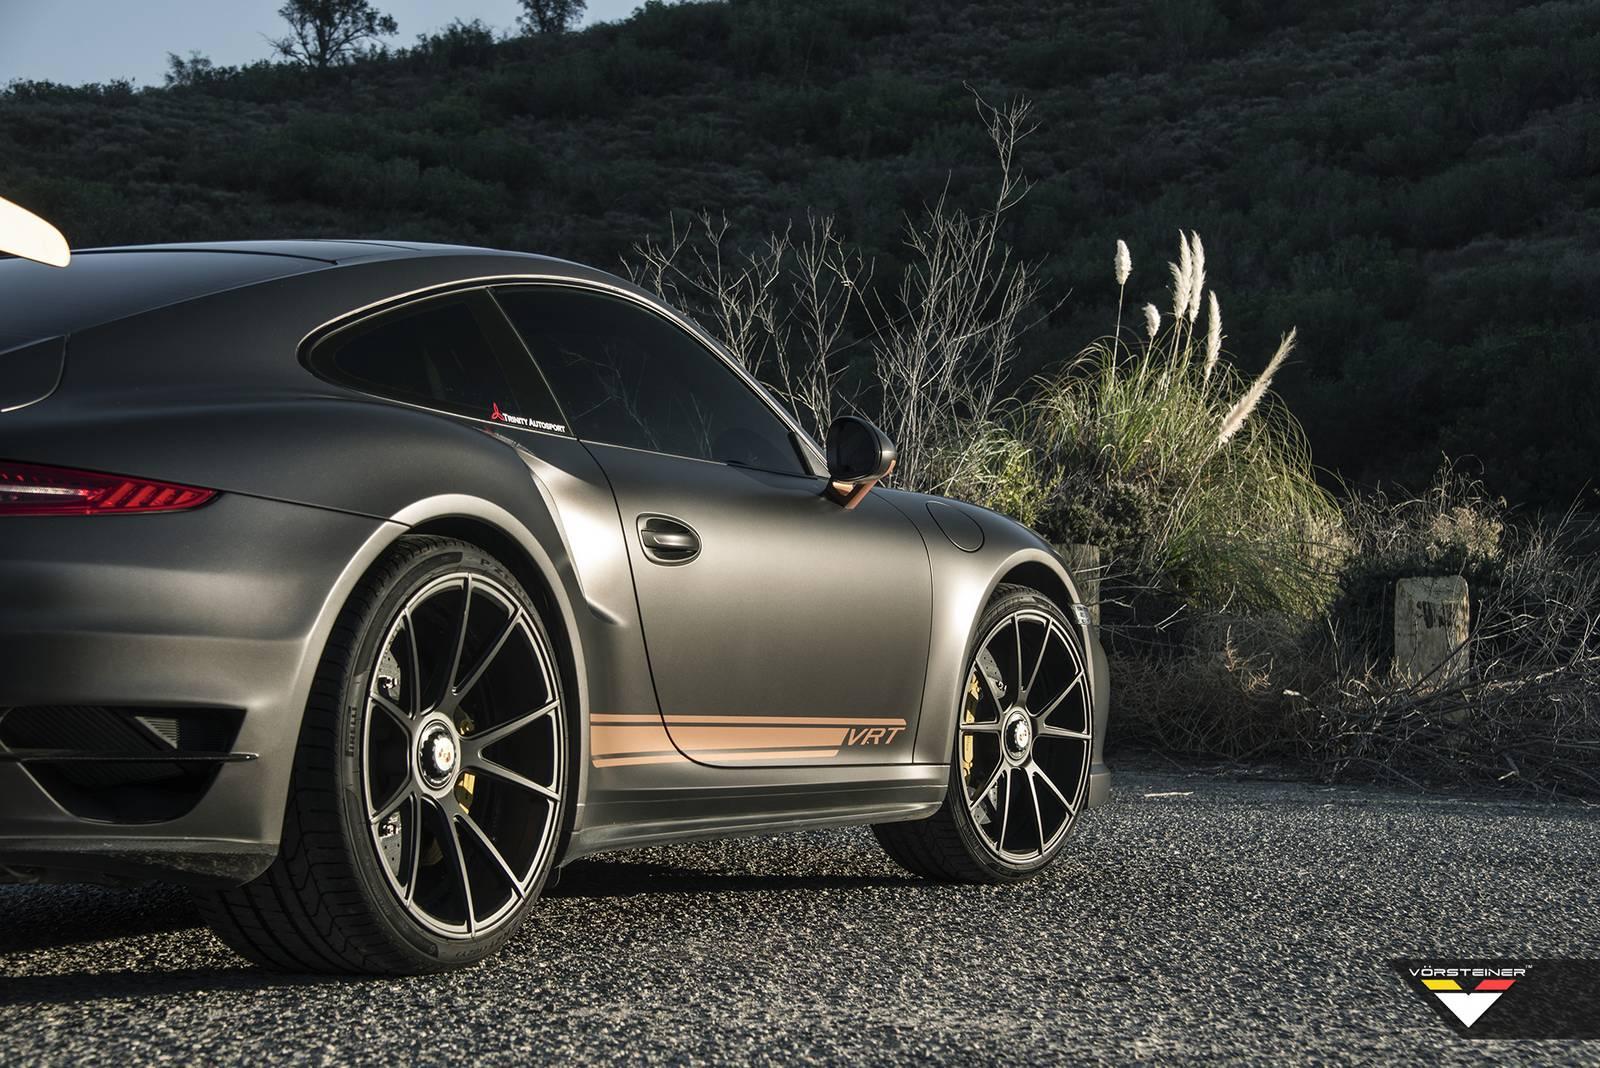 Porsche 718 Cayman S >> Stunning Vorsteiner V-RT Edition Porsche 911 Turbo S ...